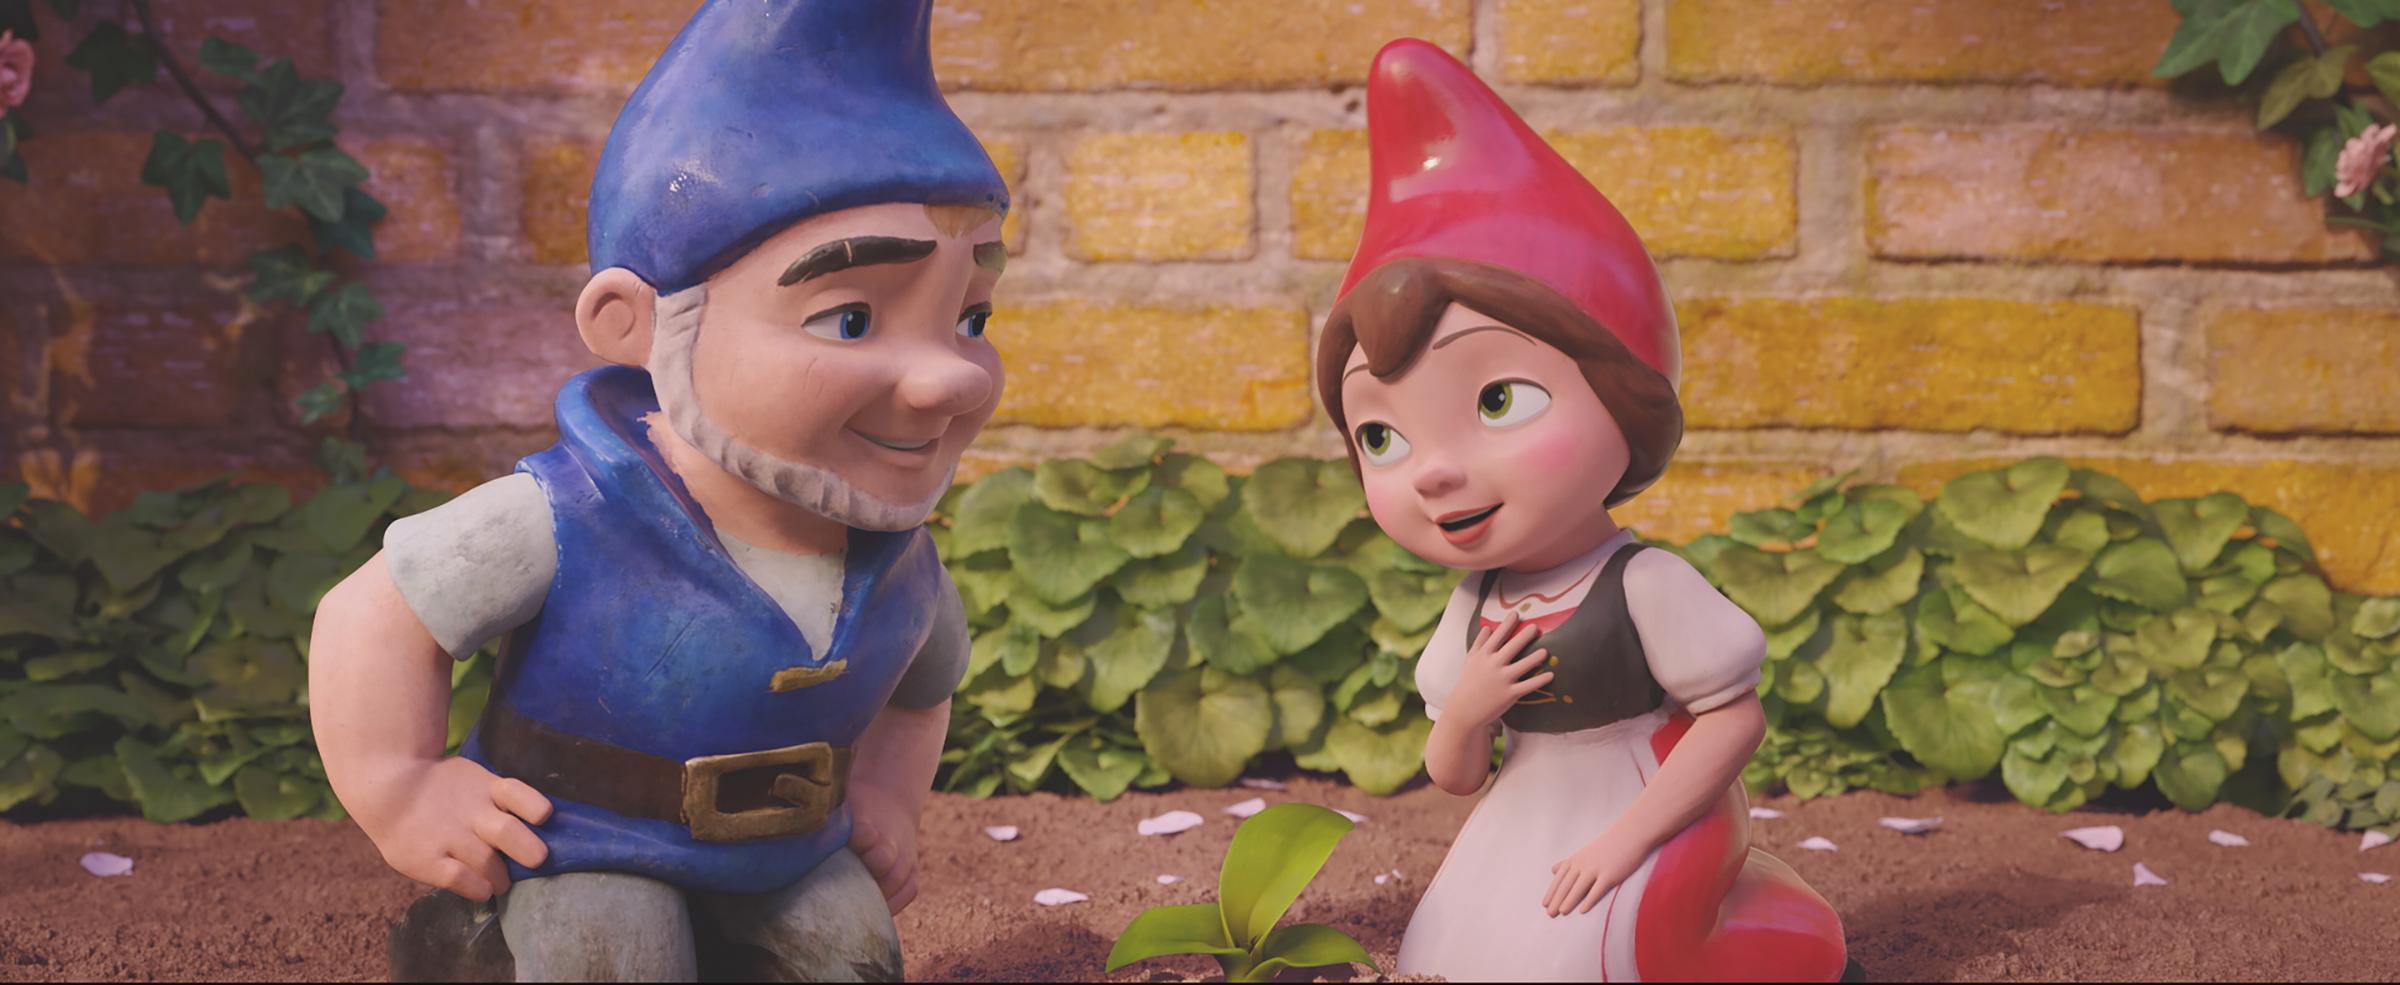 gnomeu e julieta mistério no jardim curitiba